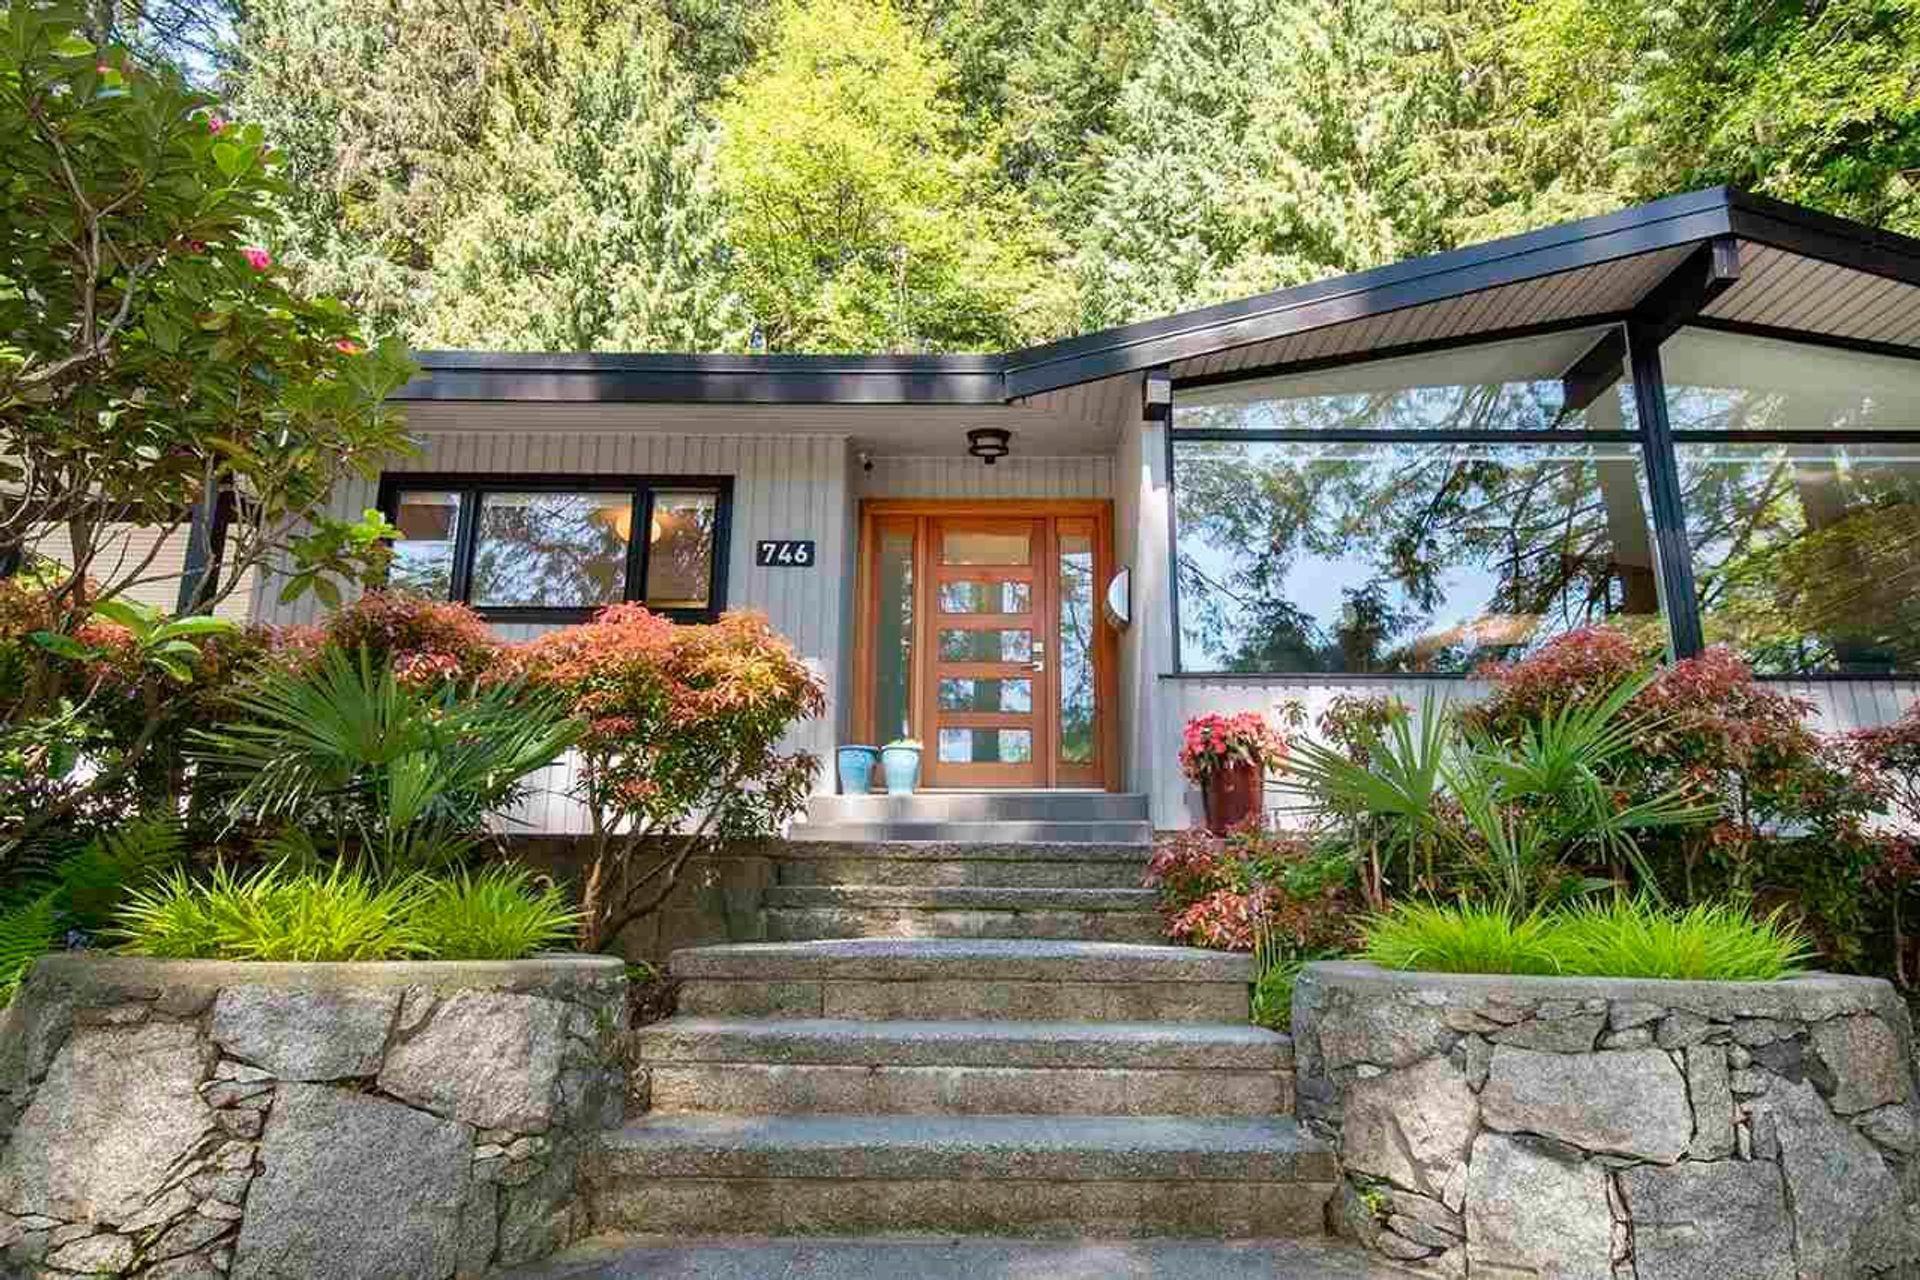 746-e-st-james-road-princess-park-north-vancouver-35 at 746 E St. James Road, Princess Park, North Vancouver